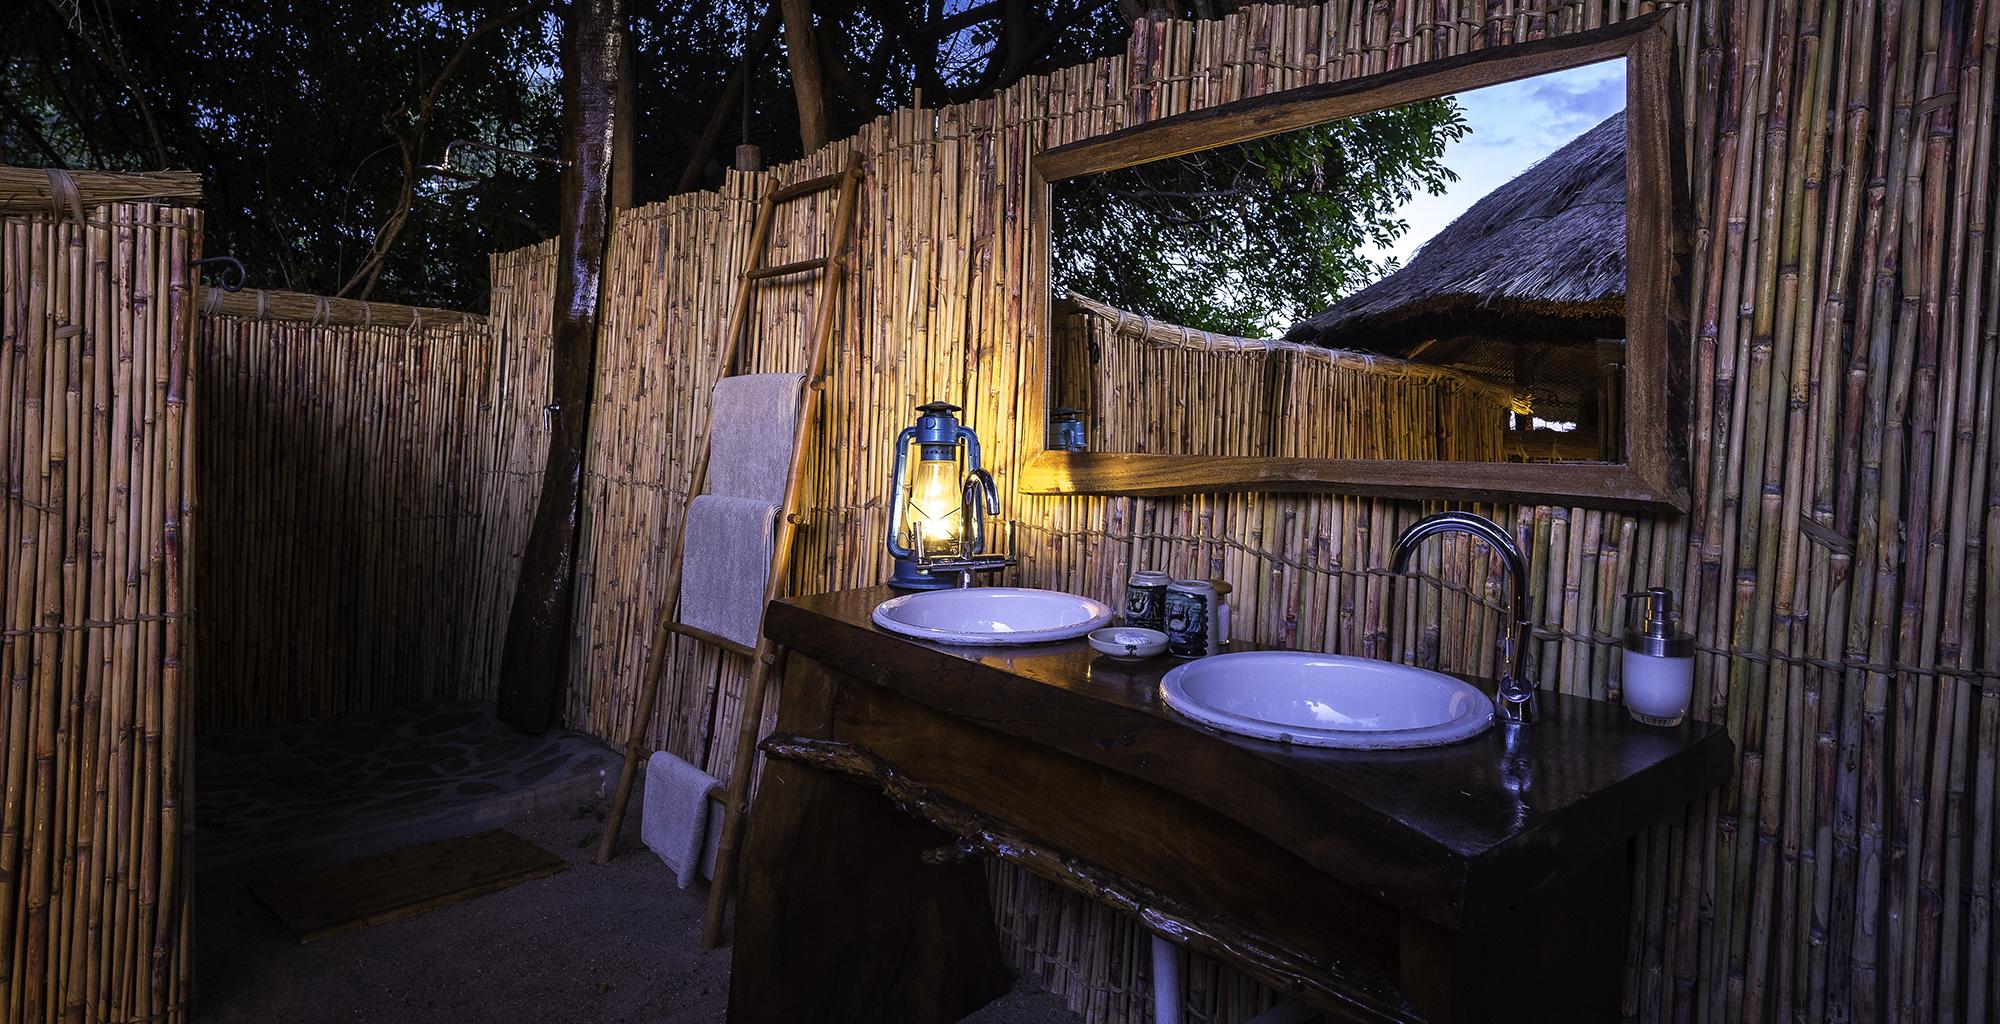 Zambia-Kuyenda-Bathroom